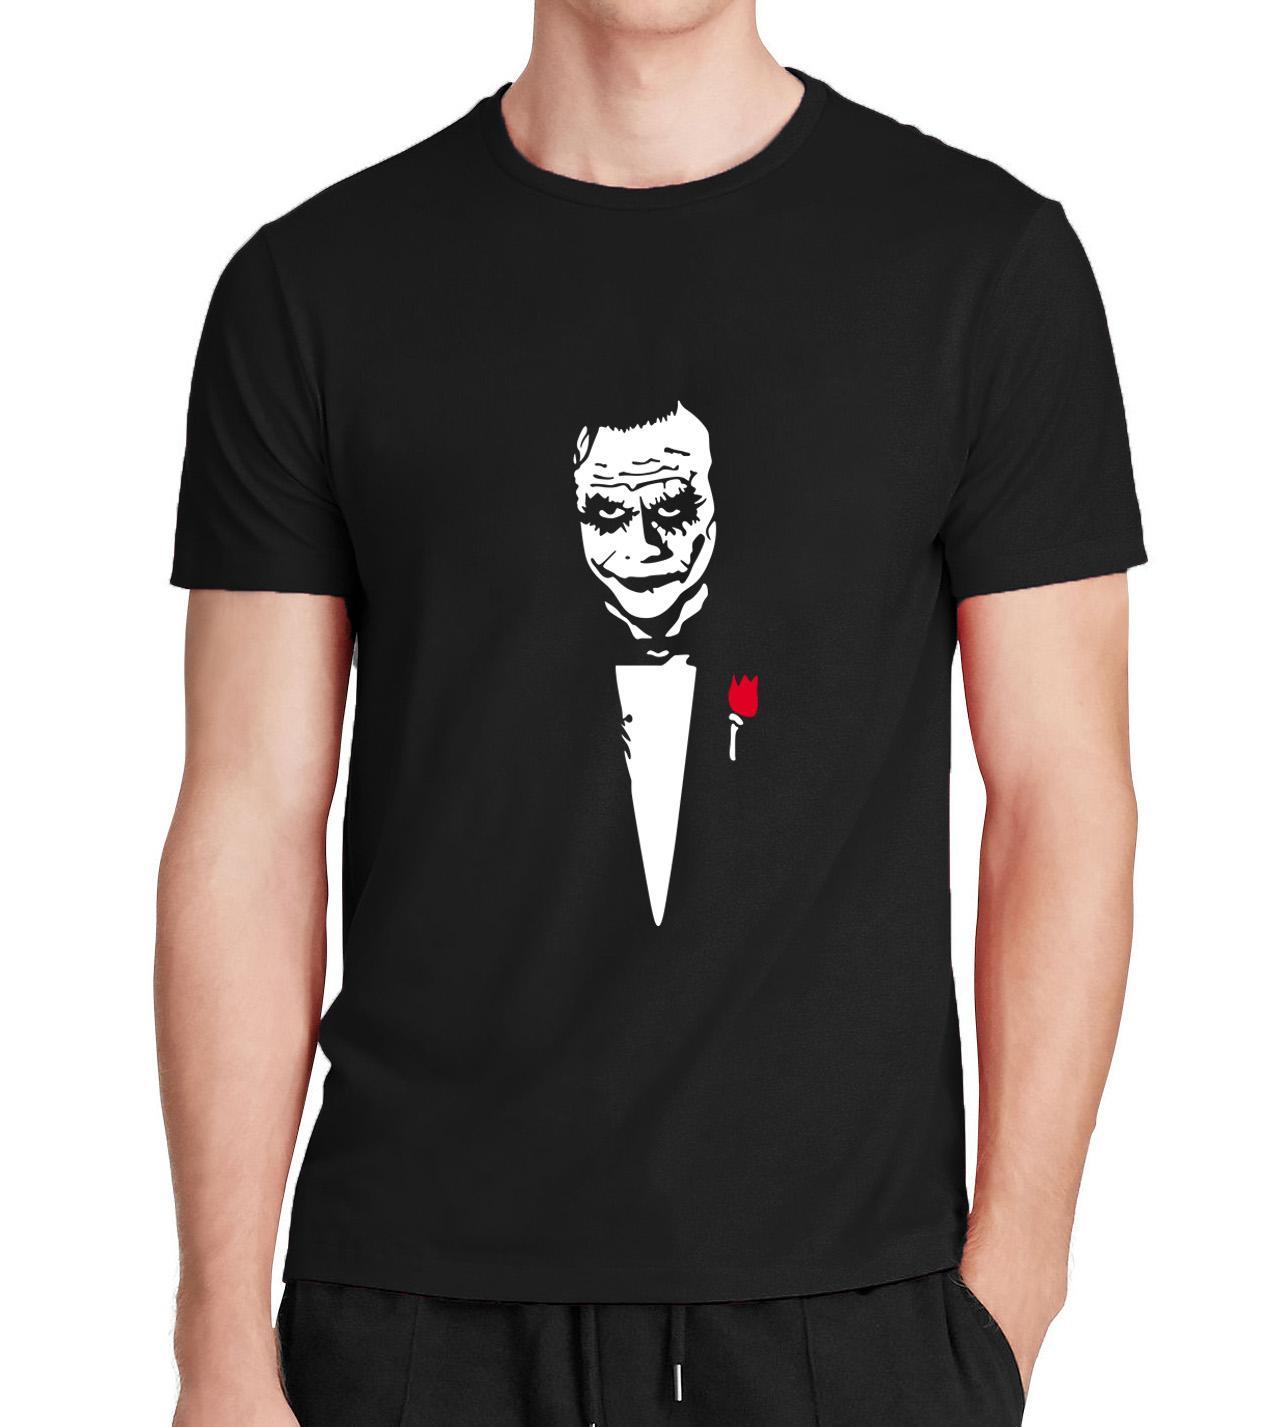 Joker Baba Camisa Masculina T-shirt Erkekler Tops 2017 Yaz Yeni Joker Heath Ledger Neden Bu Kadar Ciddi T Shirt Erkekler Pamuk Gömlek